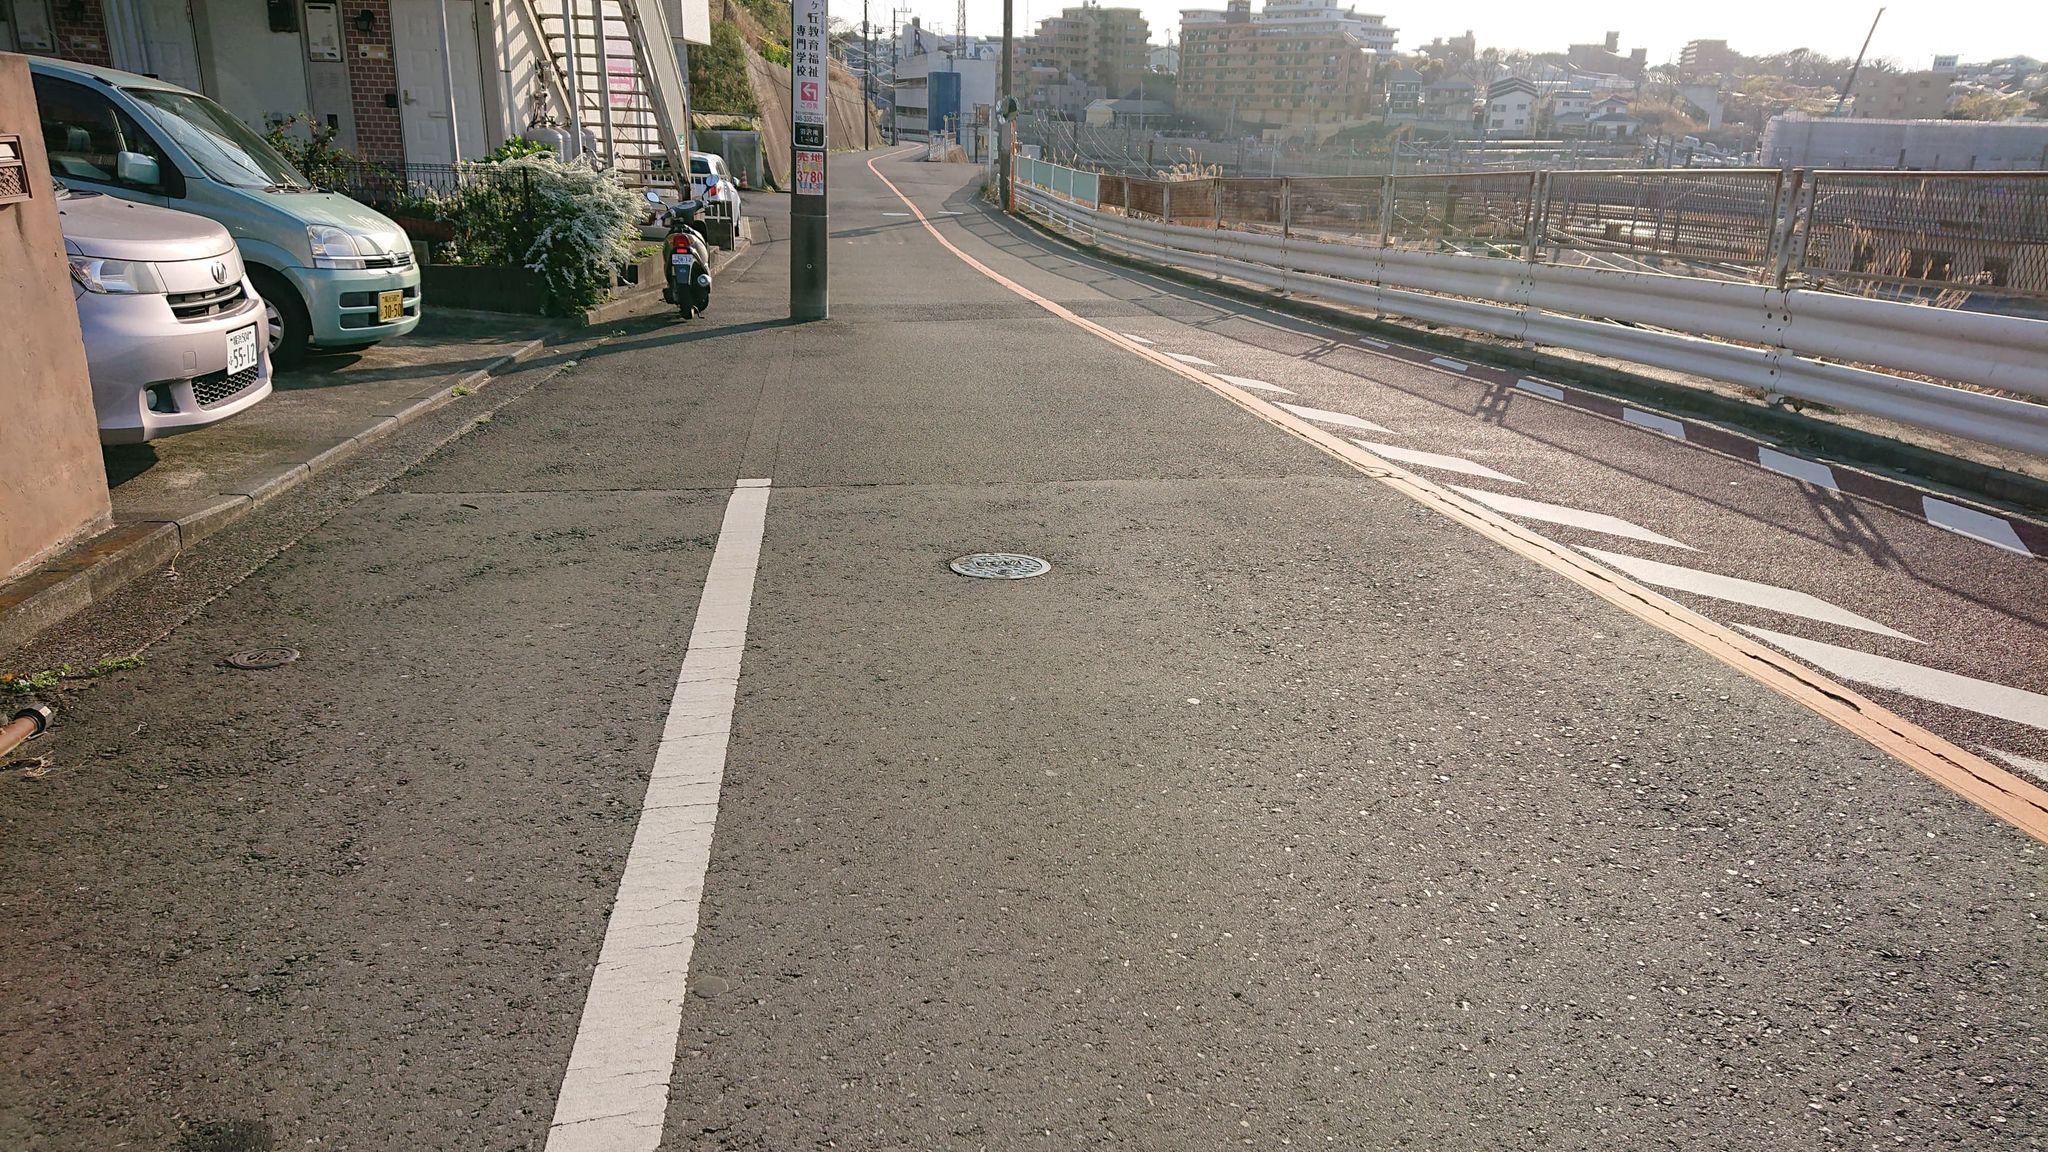 右に曲がって進み、最初の角を左に曲がります。